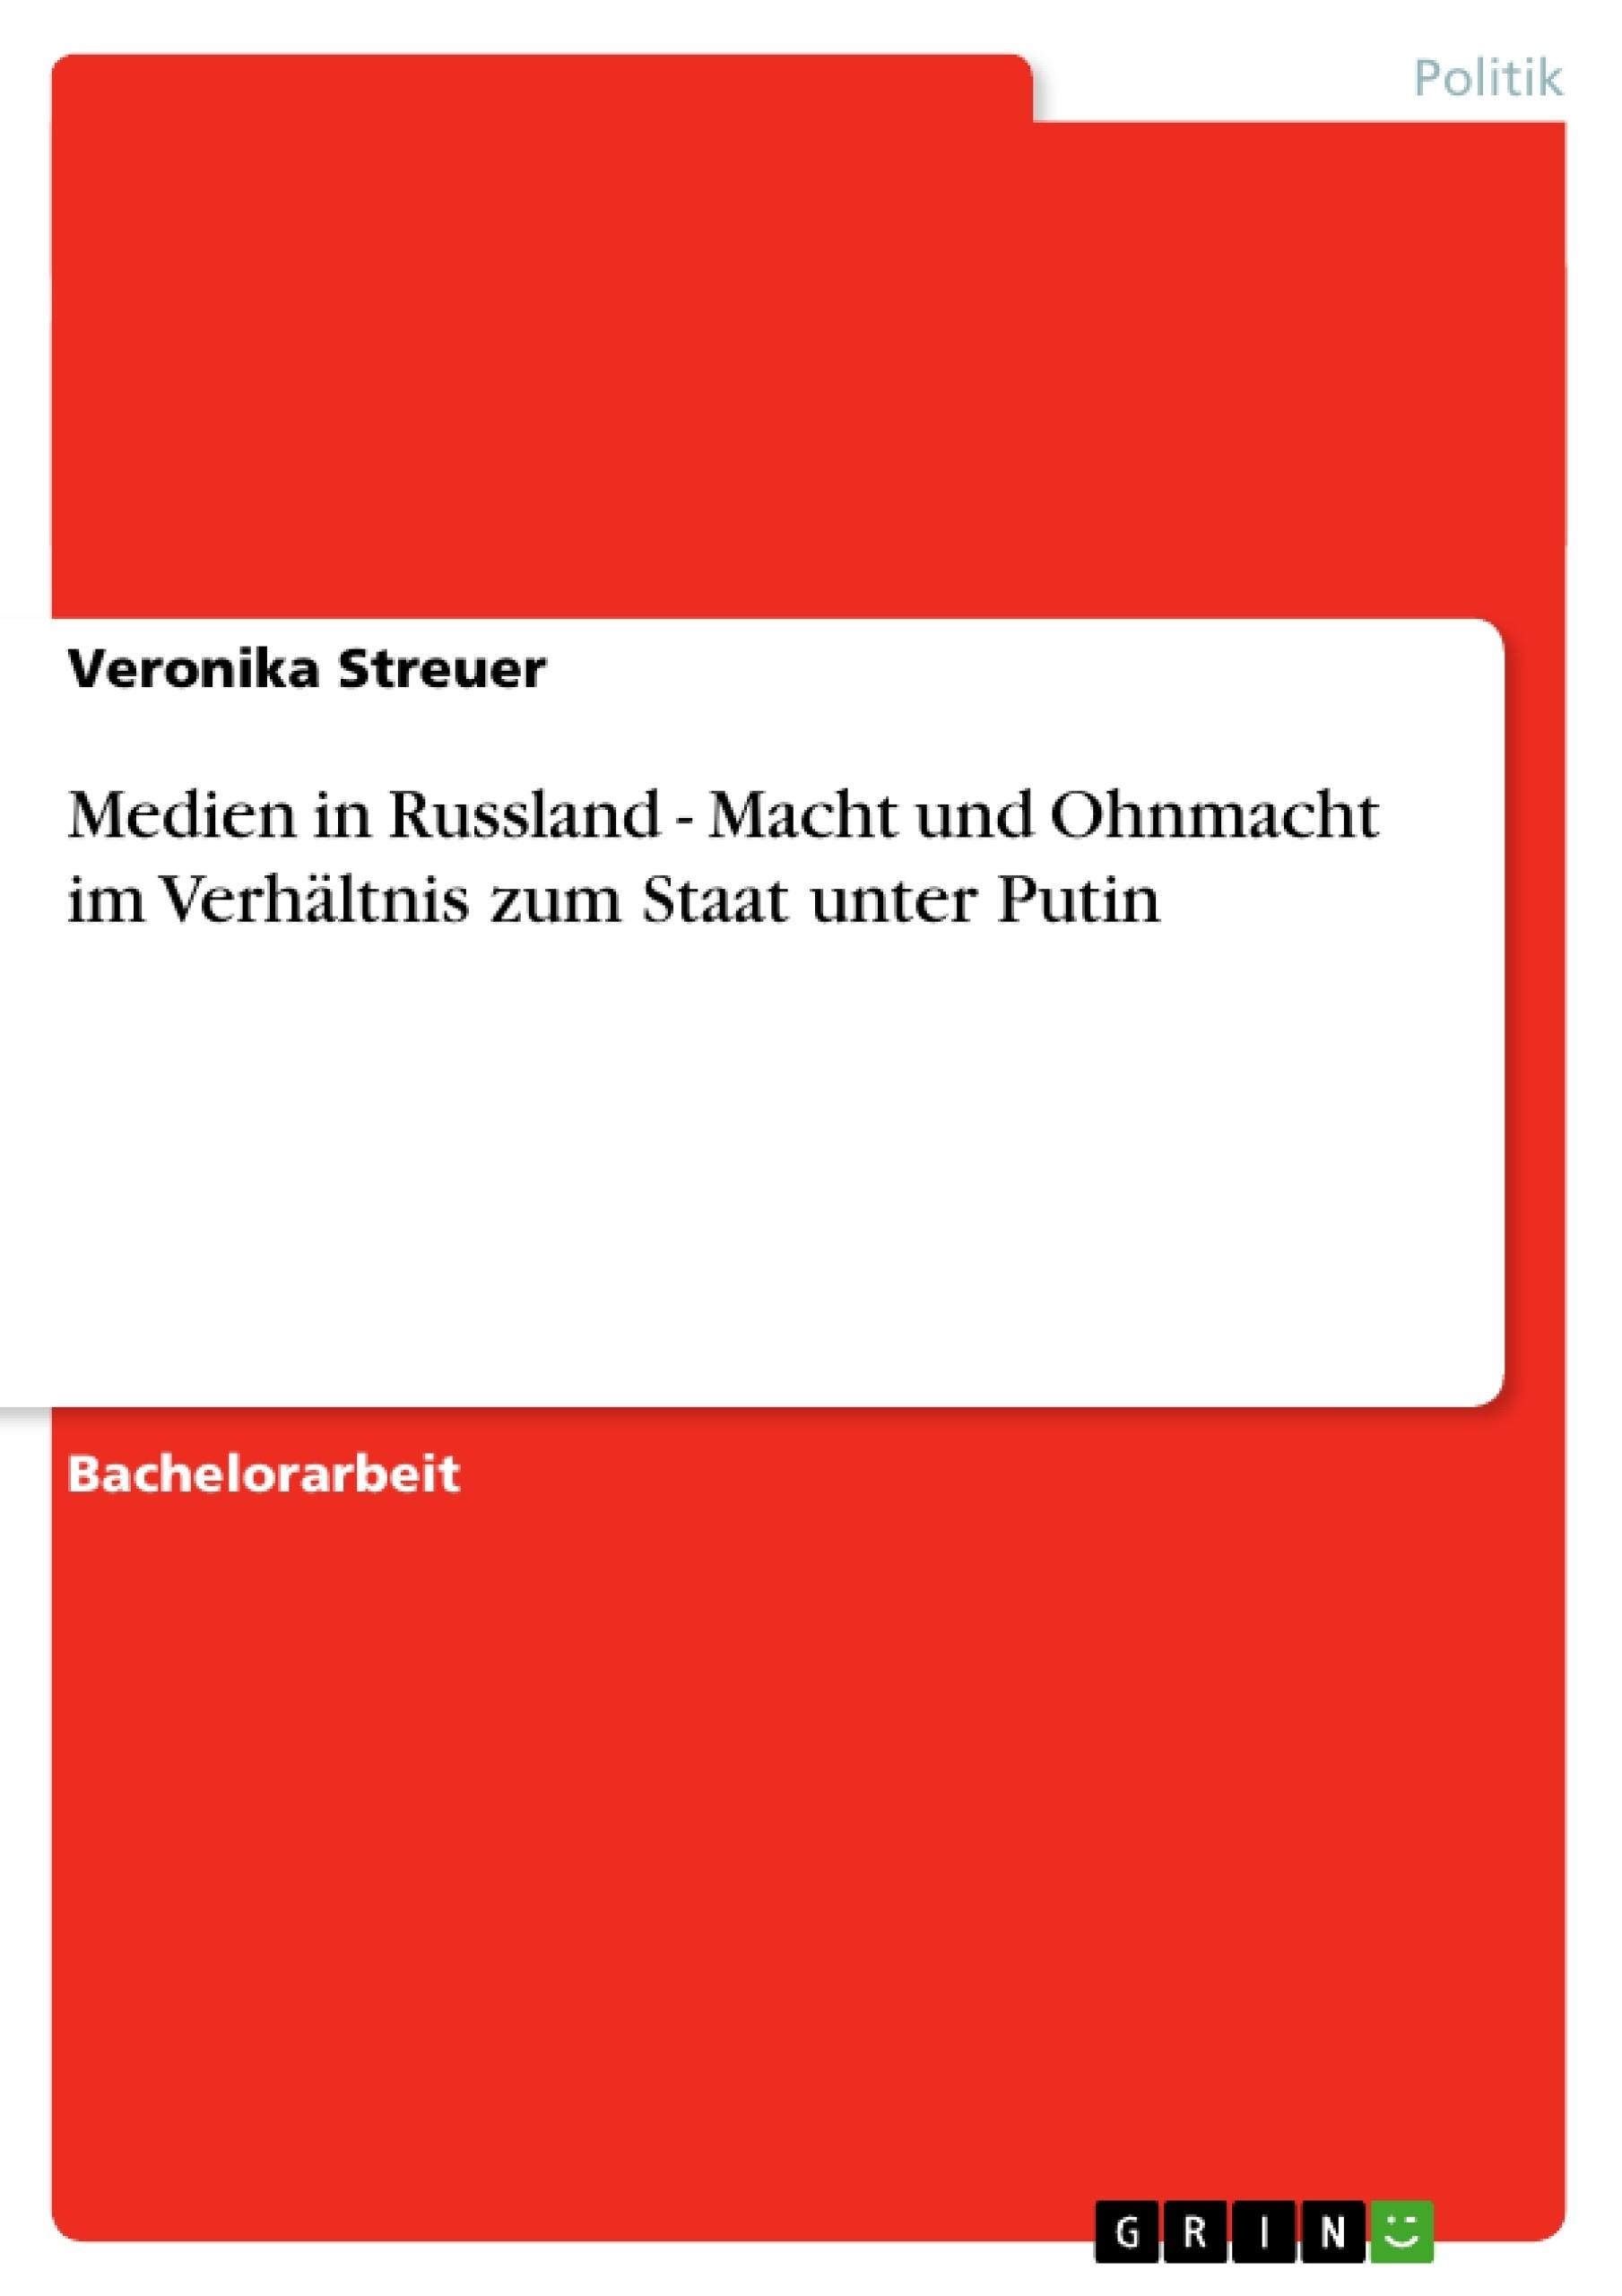 Titel: Medien in Russland - Macht und Ohnmacht im Verhältnis zum Staat unter Putin